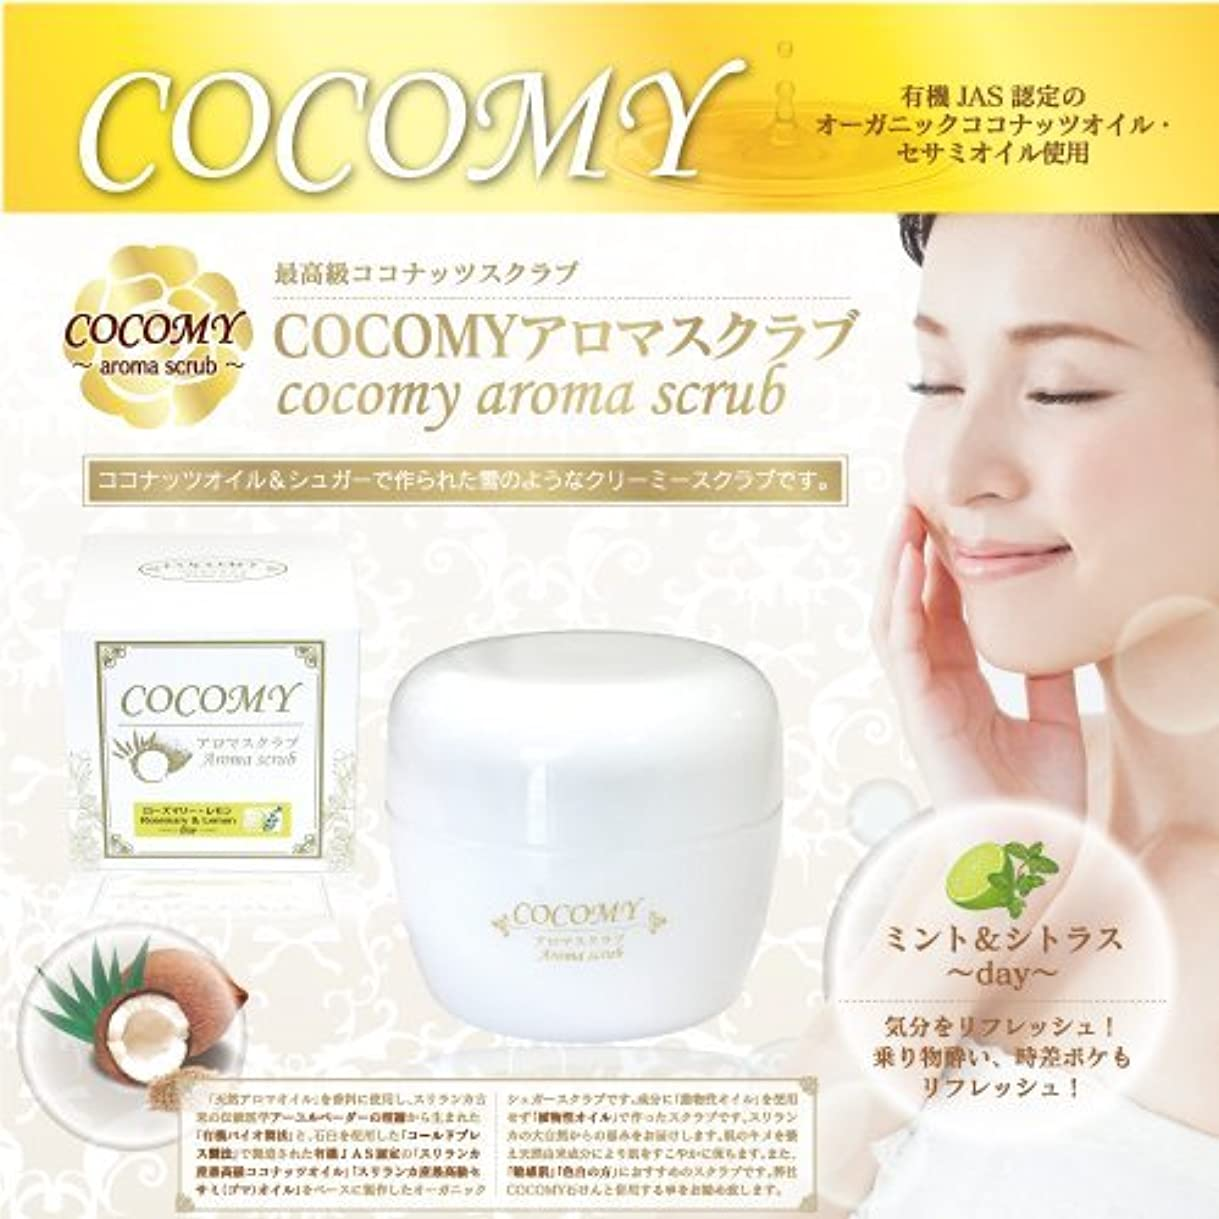 メナジェリー果てしない属性COCOMY aromaスクラブ (ミント&シトラス) 120g